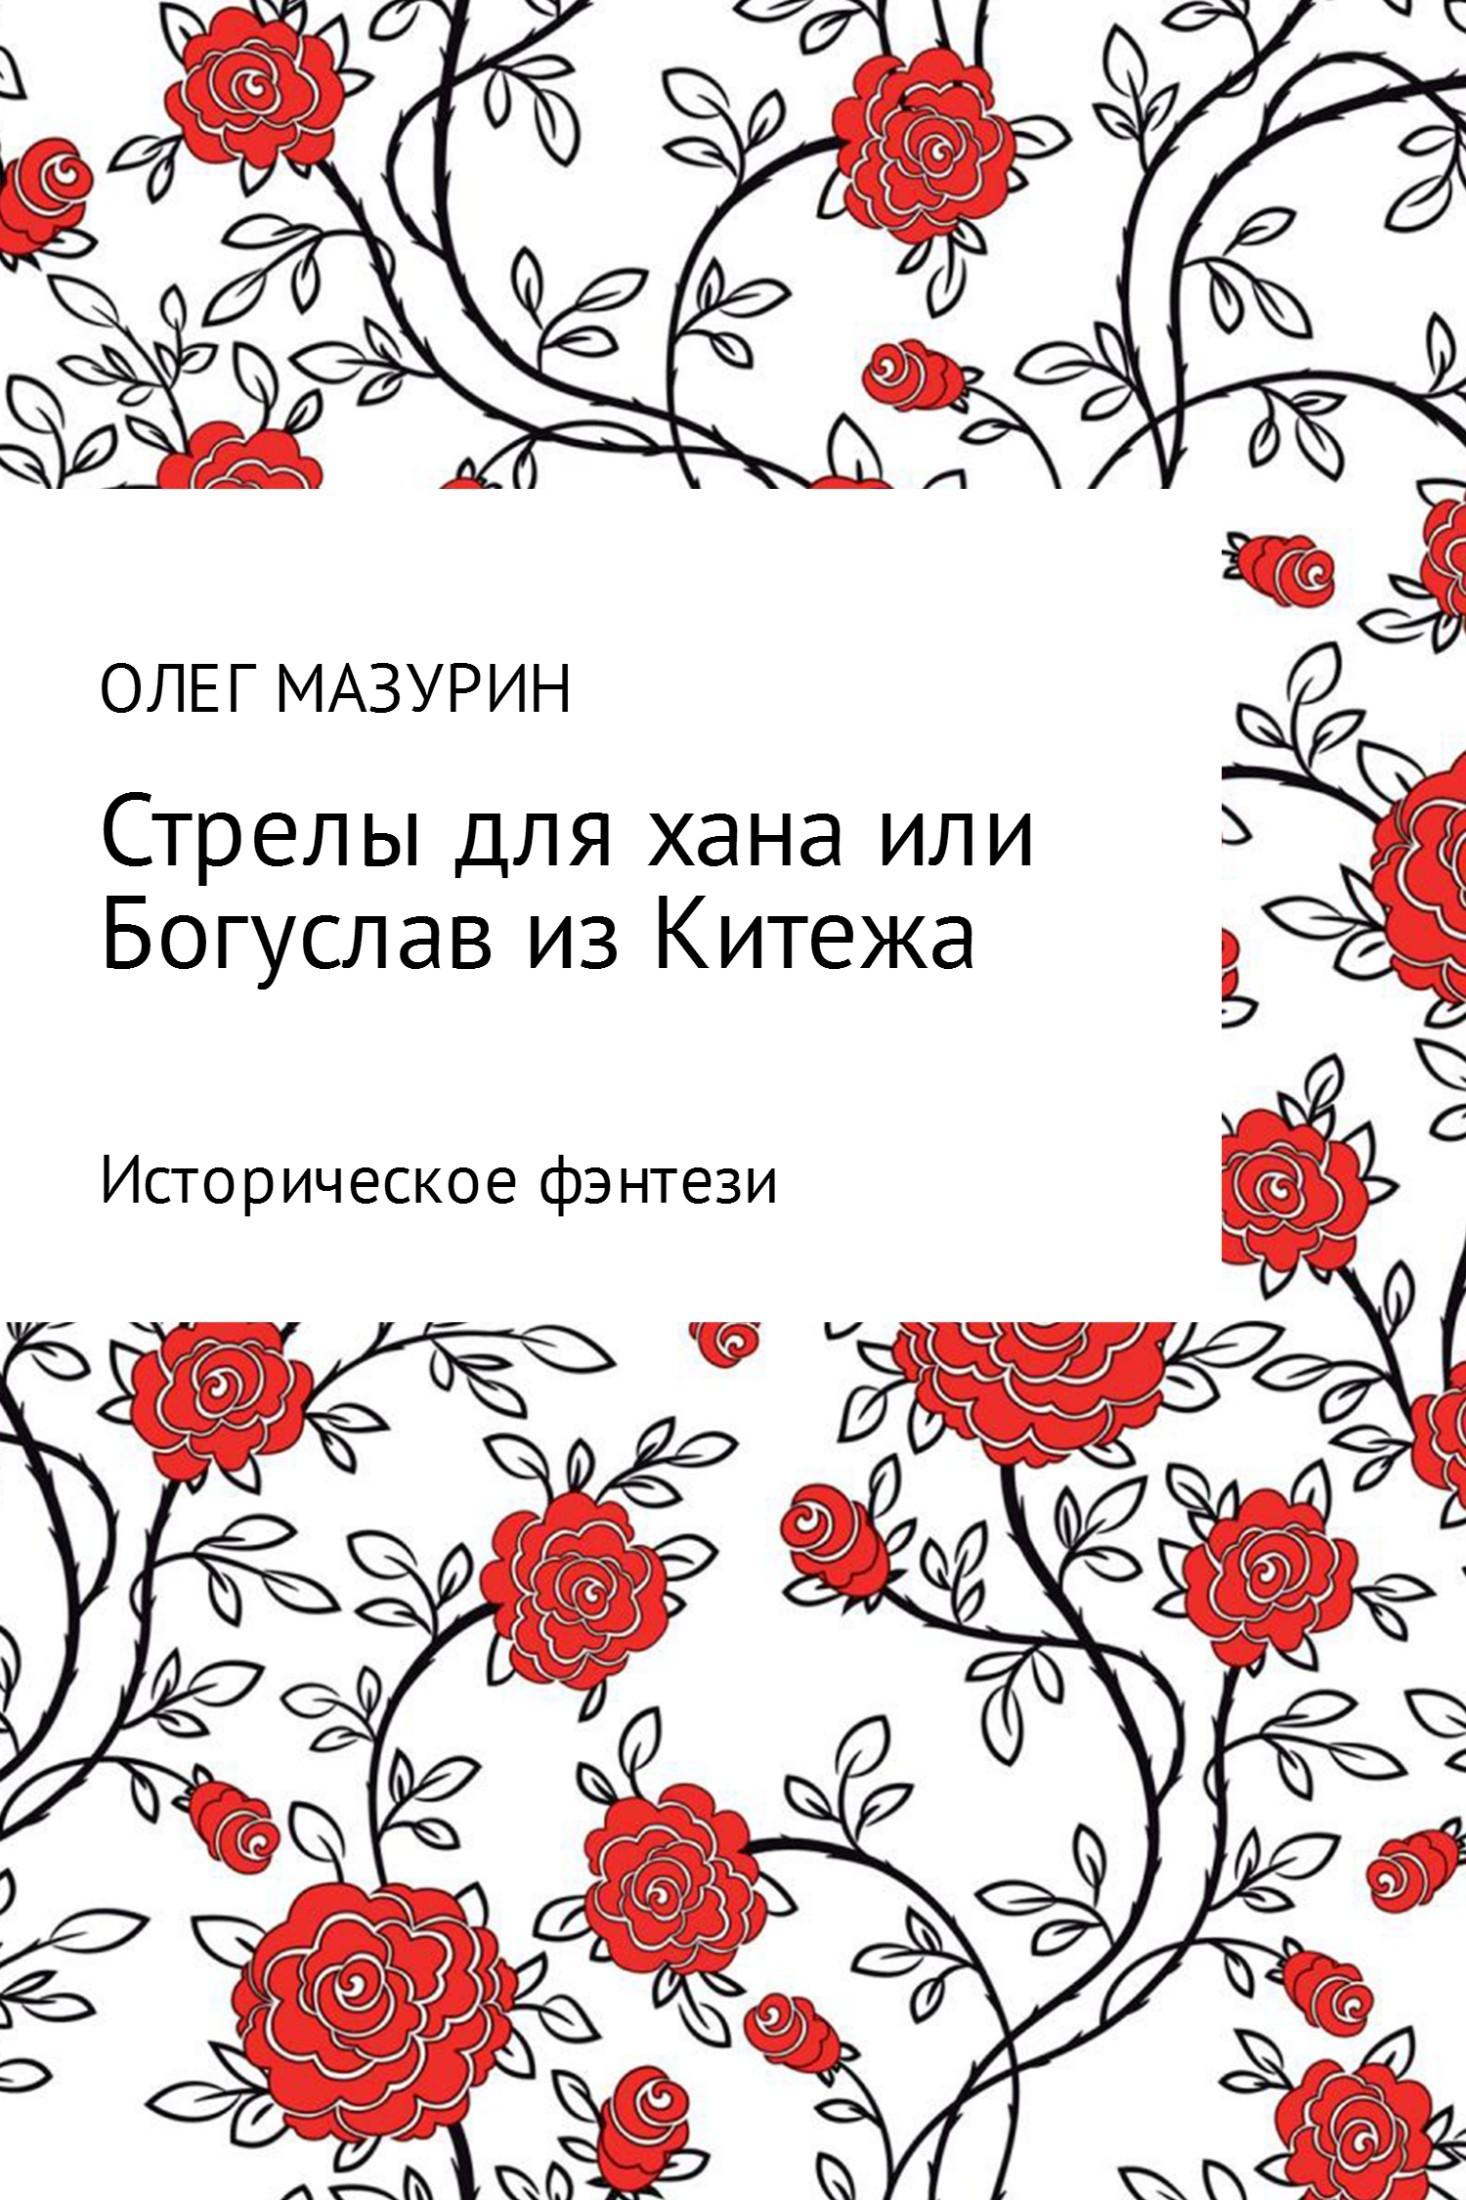 Олег Владимирович Мазурин. Стрелы для хана, или Богуслав из Китежа